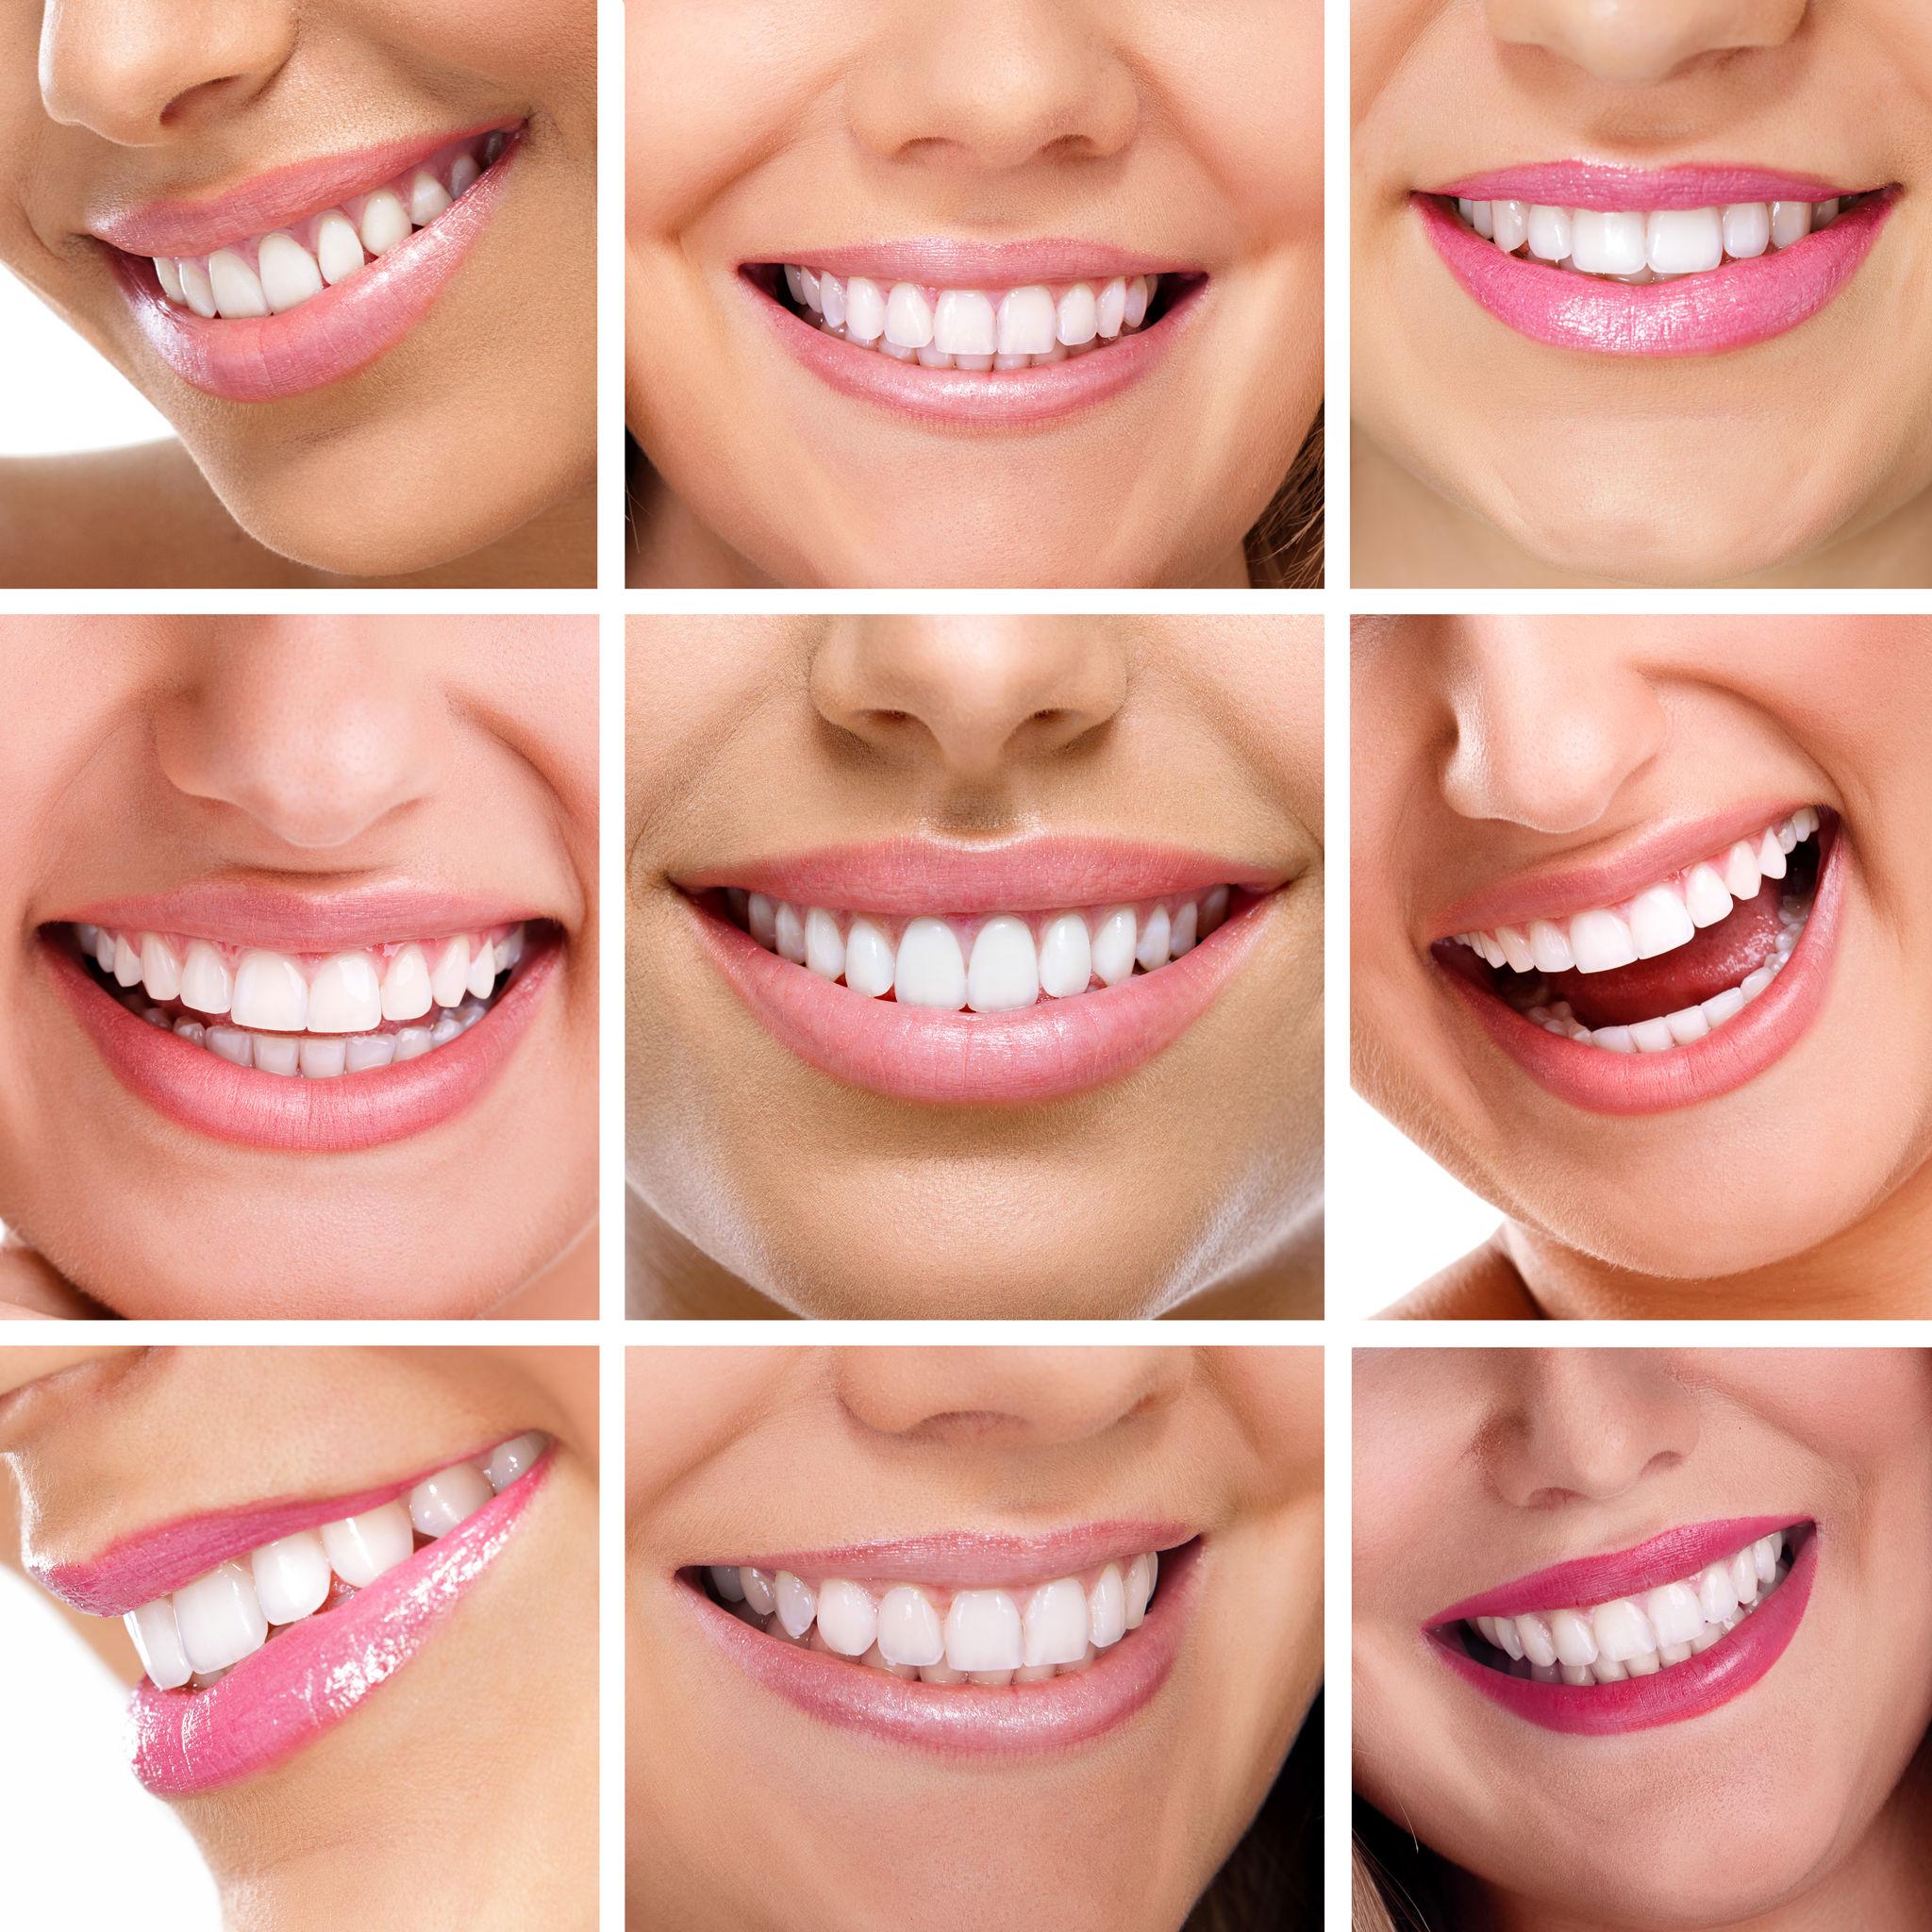 מי מטפל בשיניים שלך - ד''ר אילנית לופו